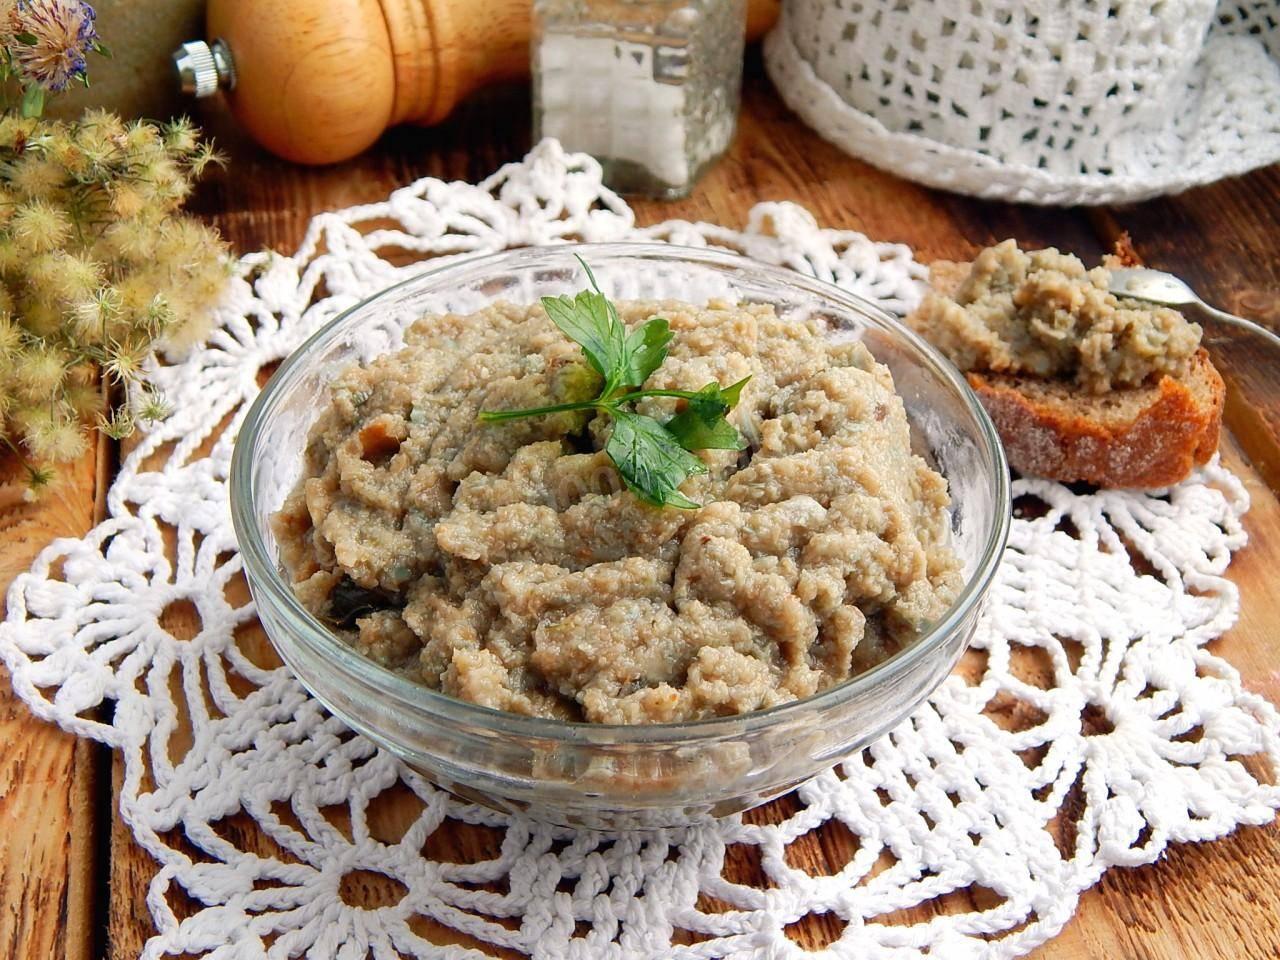 Рецепты приготовления икры из сухих, соленых и сырых груздей на зиму, хранение заготовок